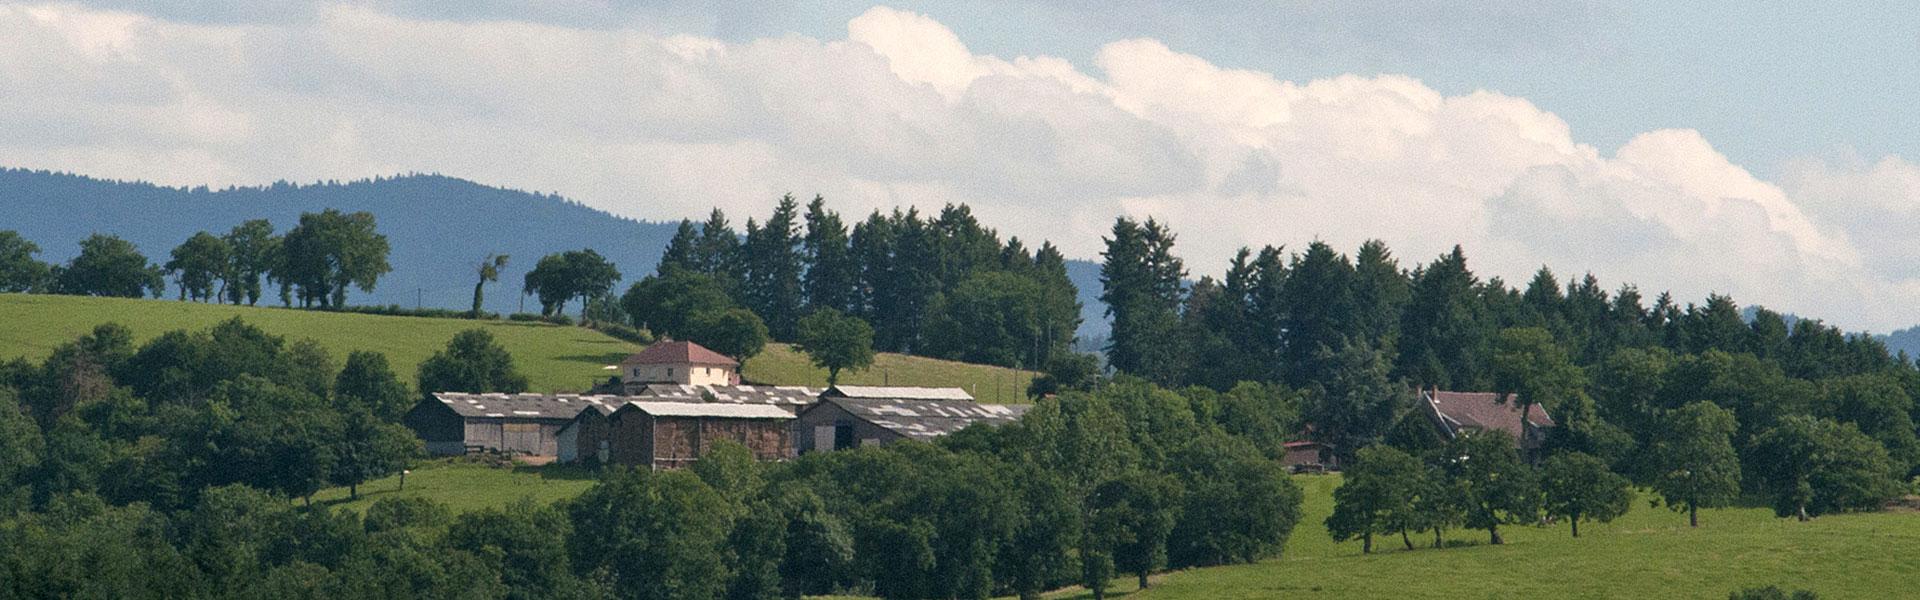 Le GAEC Salles éleveur de charolais au cœur de l'Allier